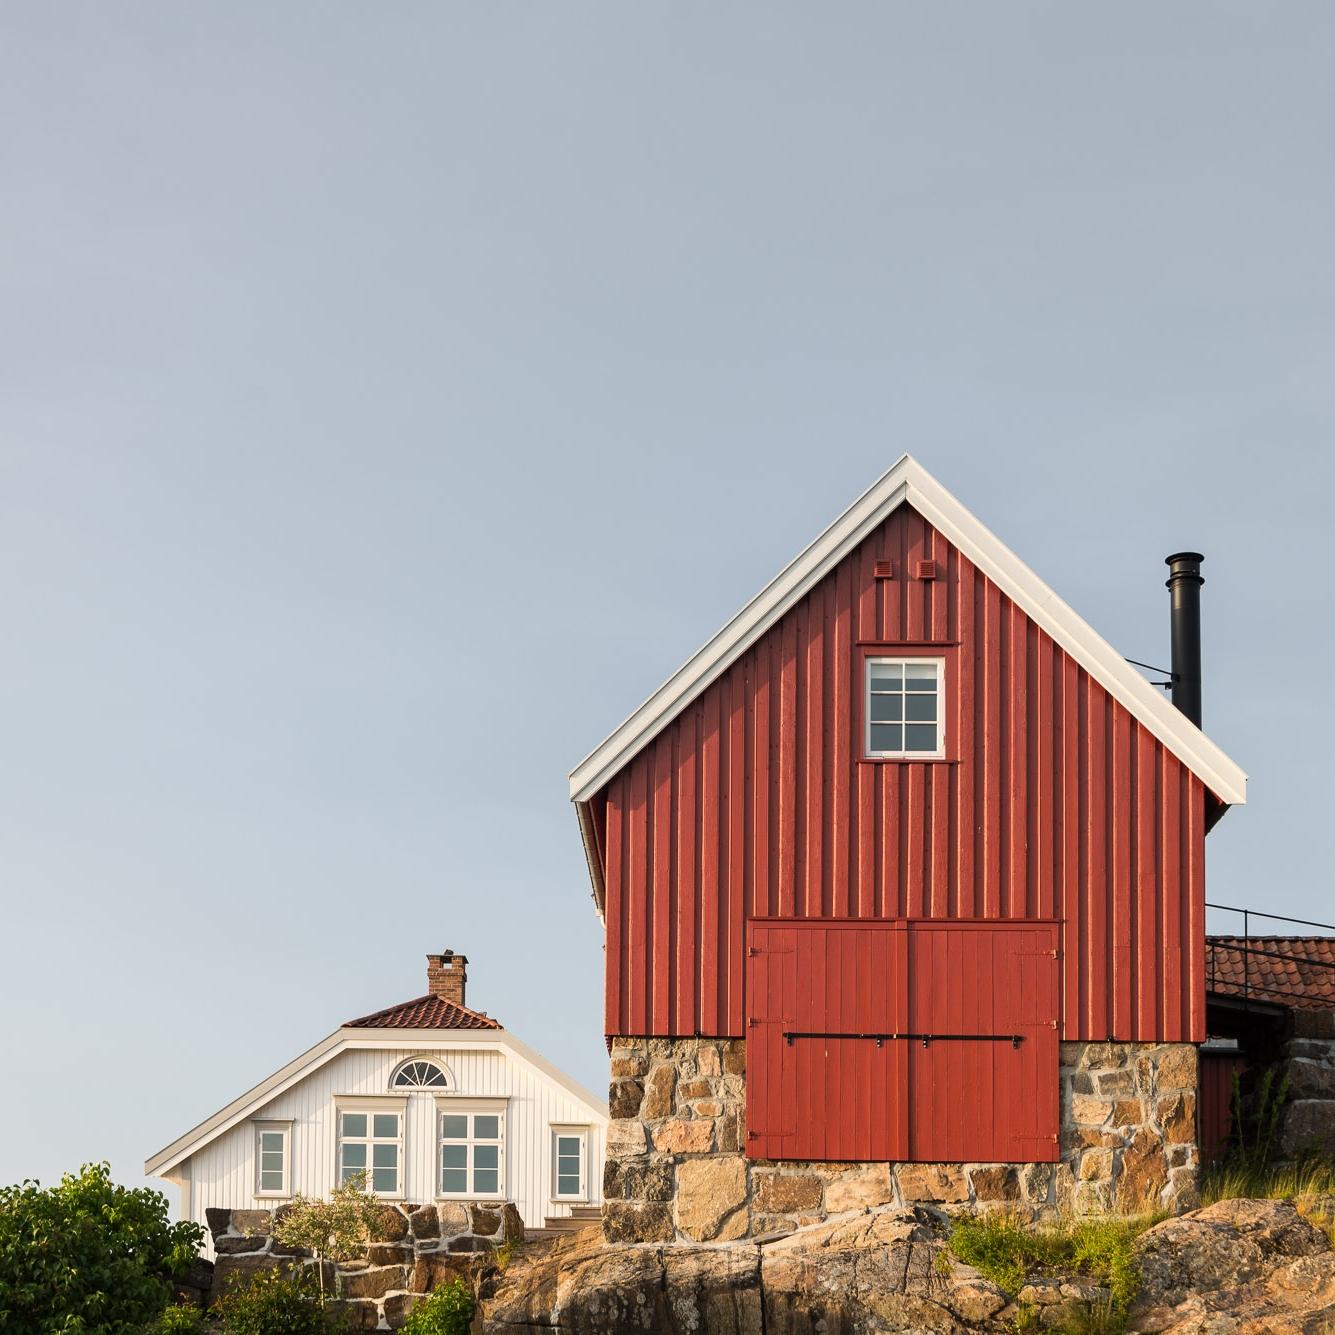 Bonytt - Da den engelske familien seilte inn til Lyngør, opplevde de låve at first sight.